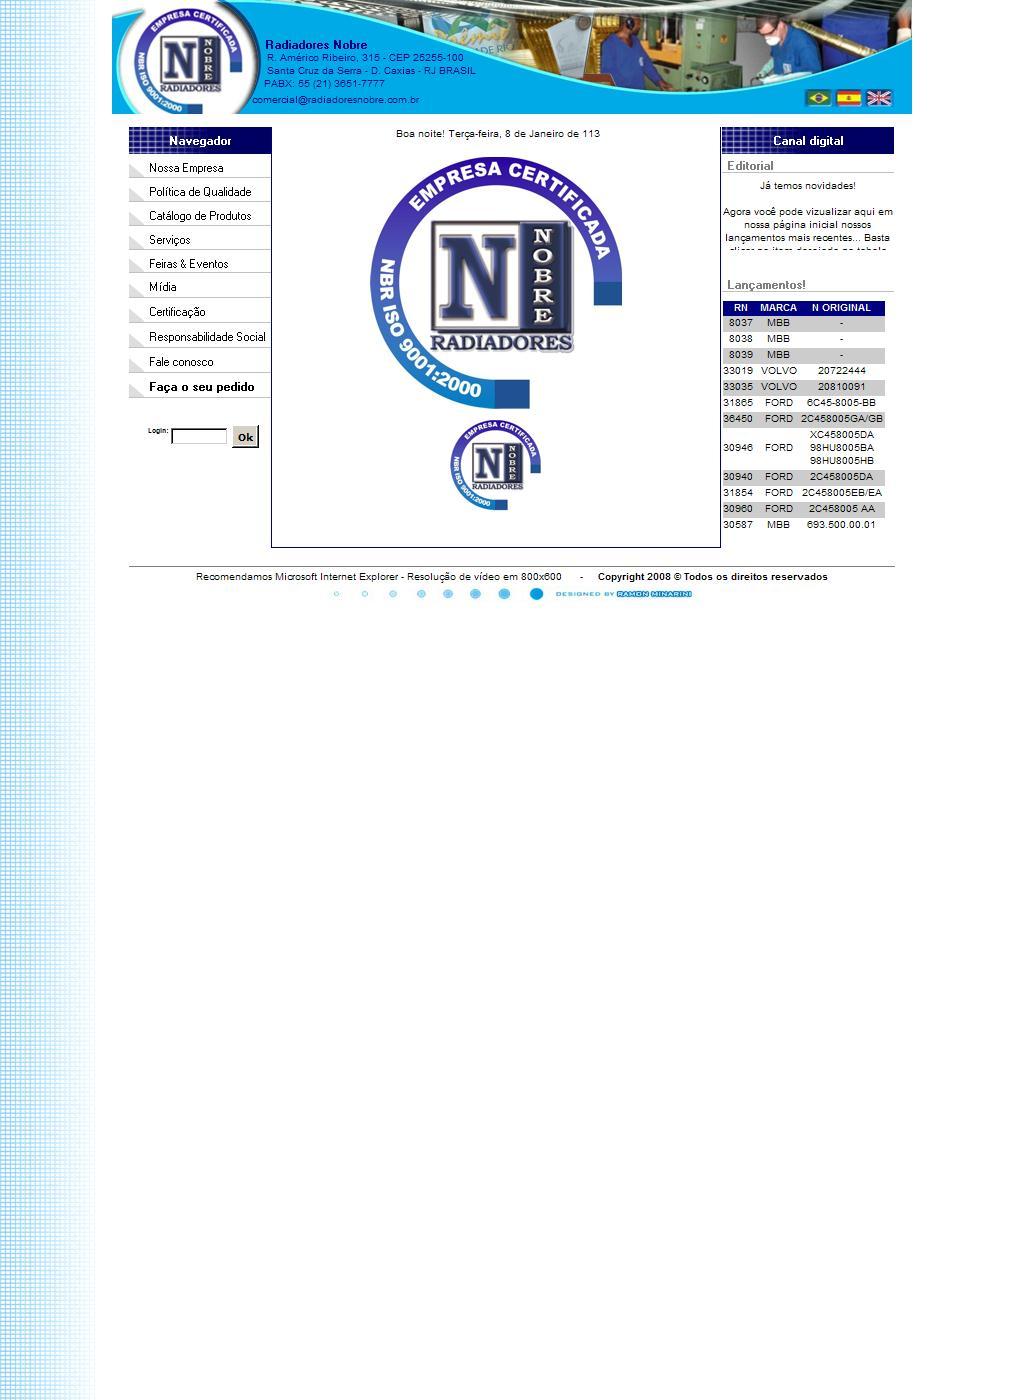 Radiadores Nobre - Indústria e Comércio